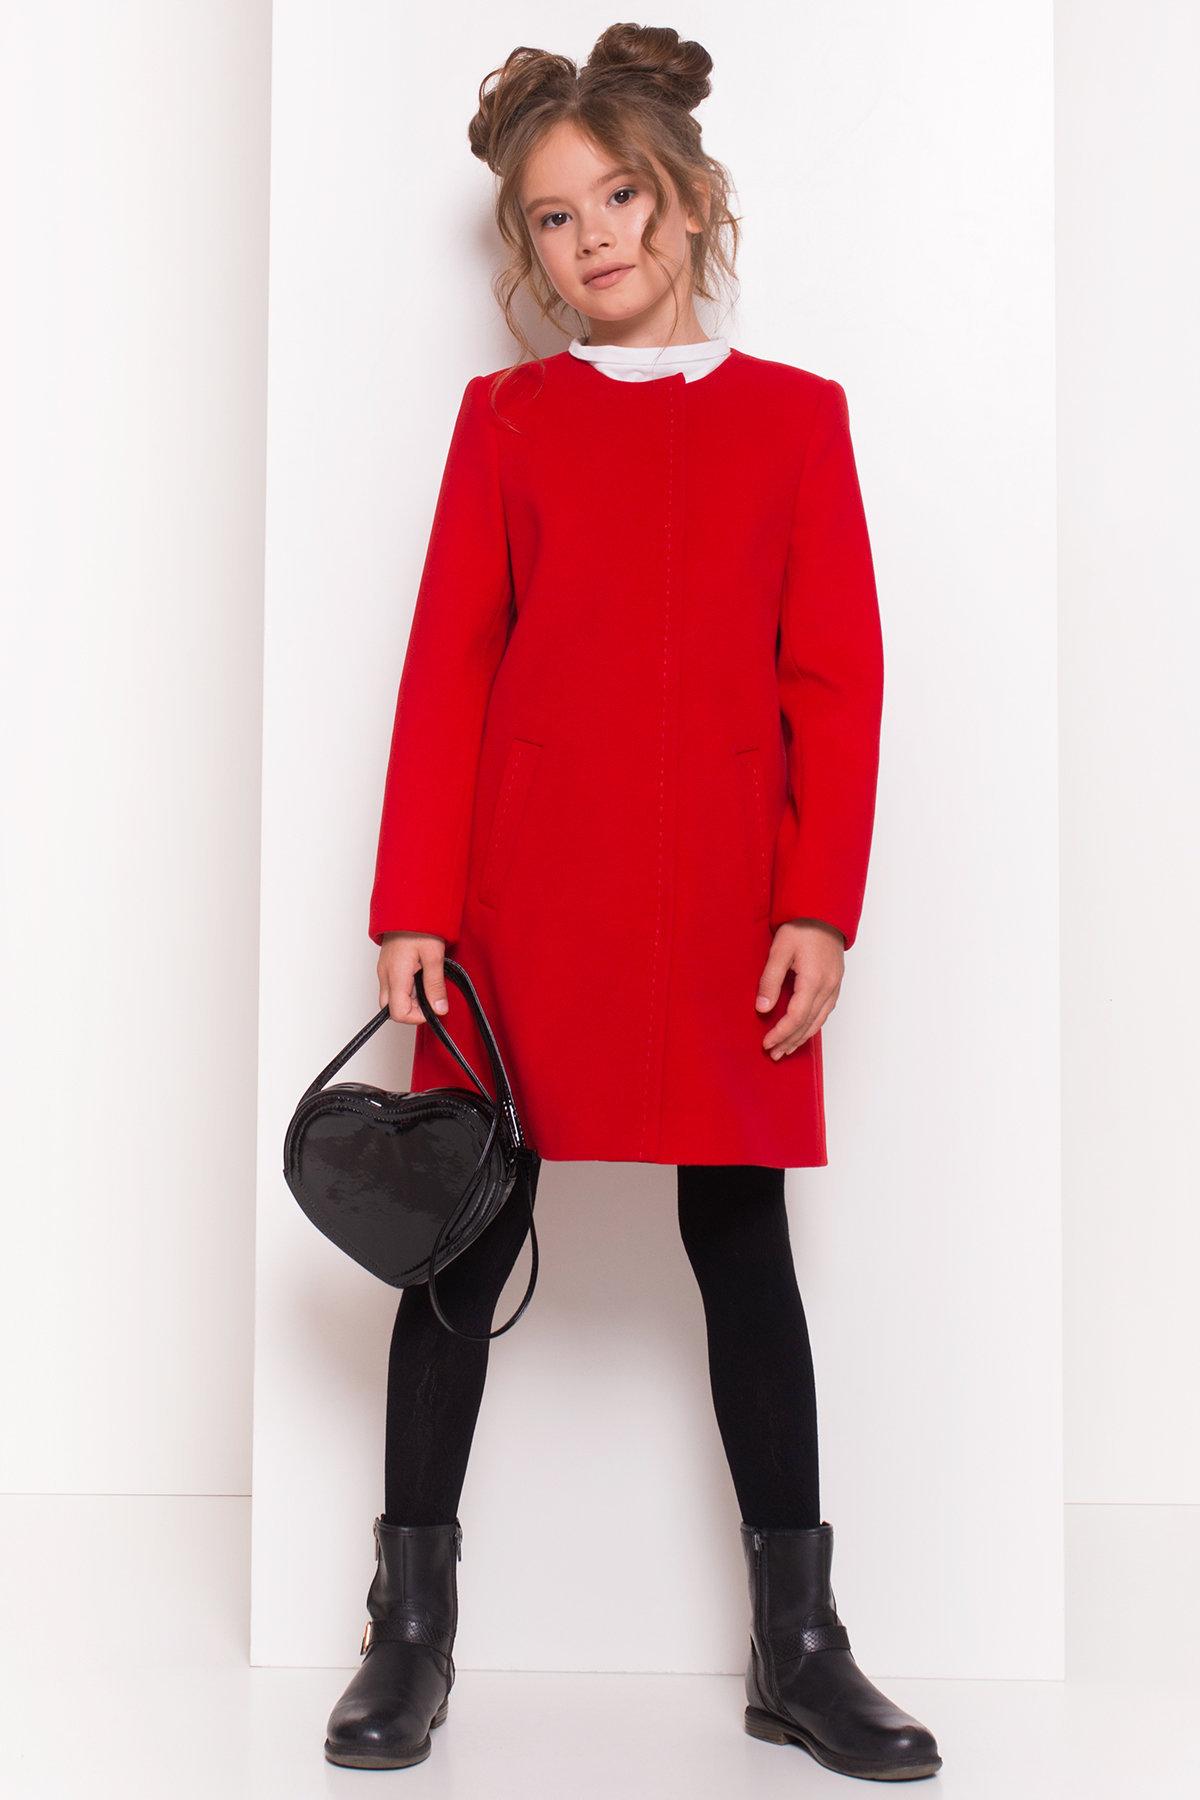 Пальто детское Чита 5297 АРТ. 38350 Цвет: Красный - фото 3, интернет магазин tm-modus.ru